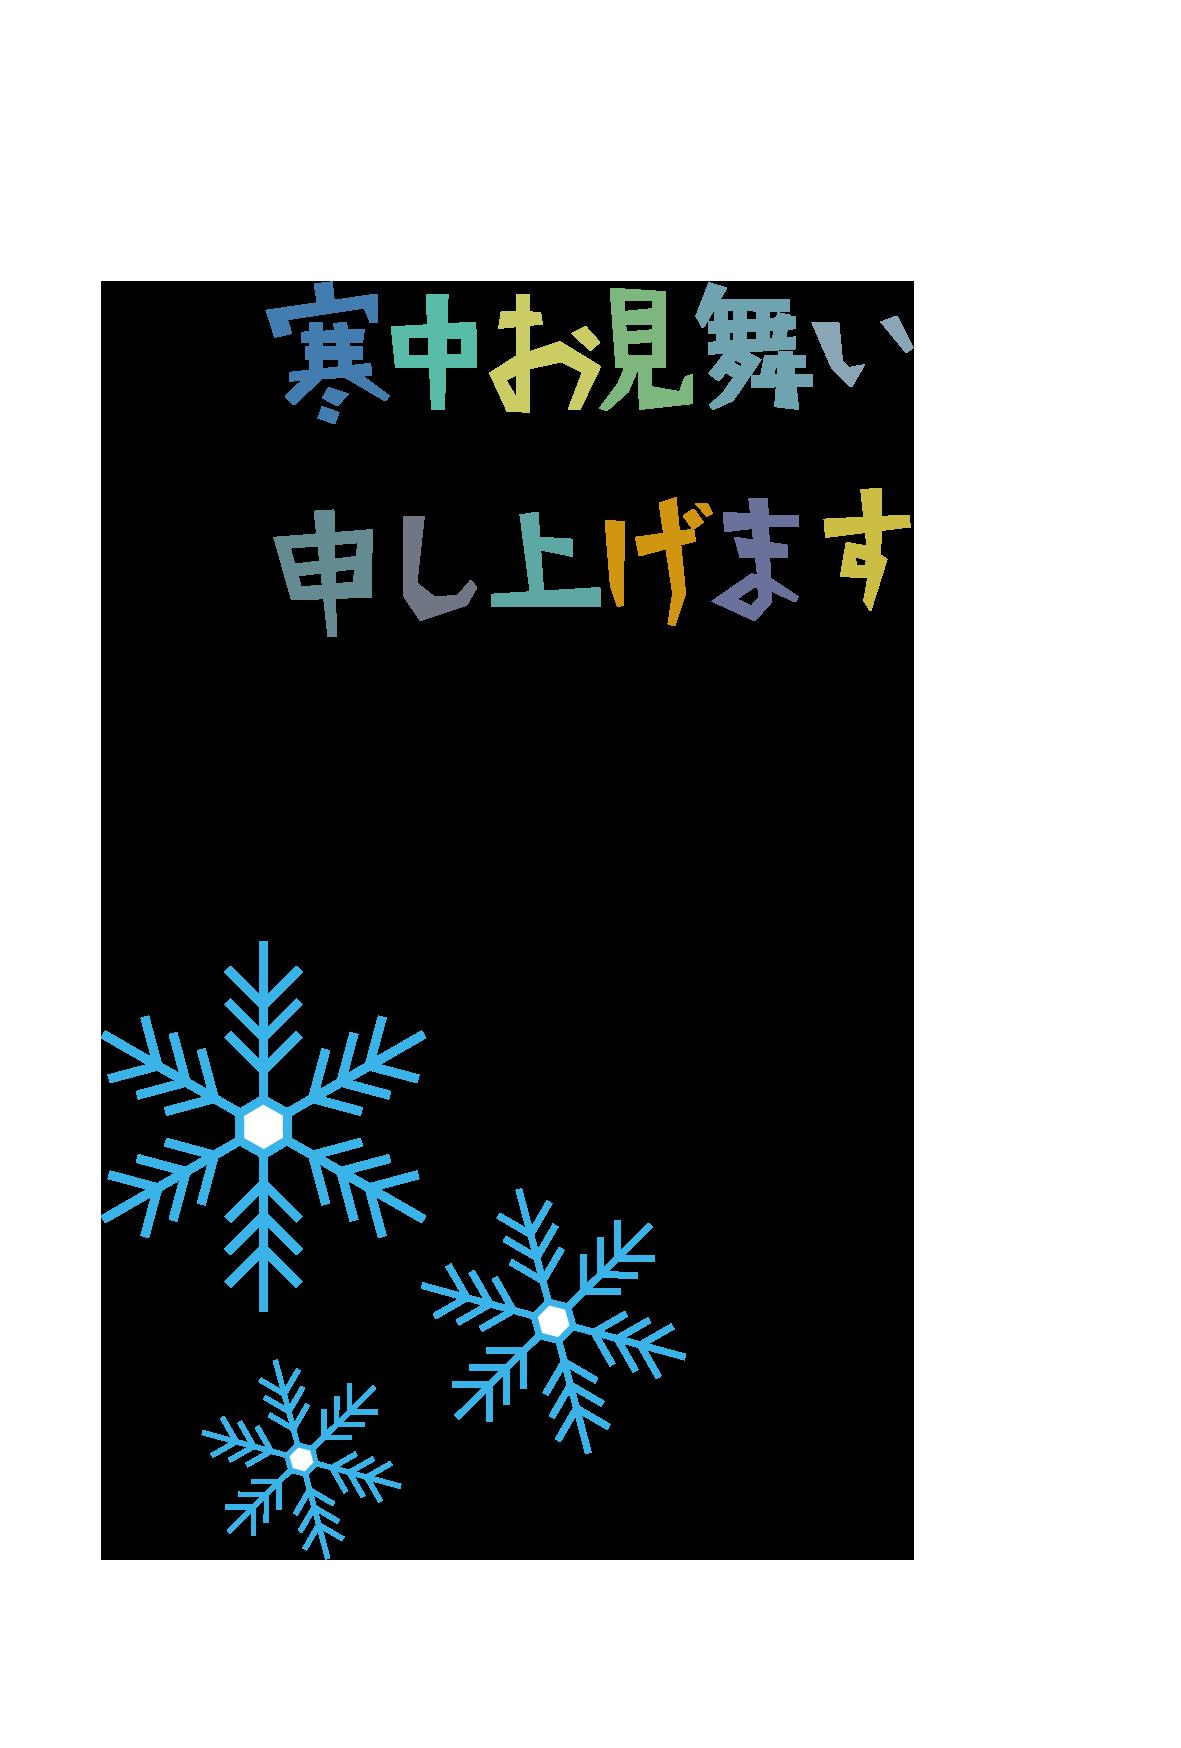 寒中見舞い-シンプルテンプレート(雪) <無料> | イラストk